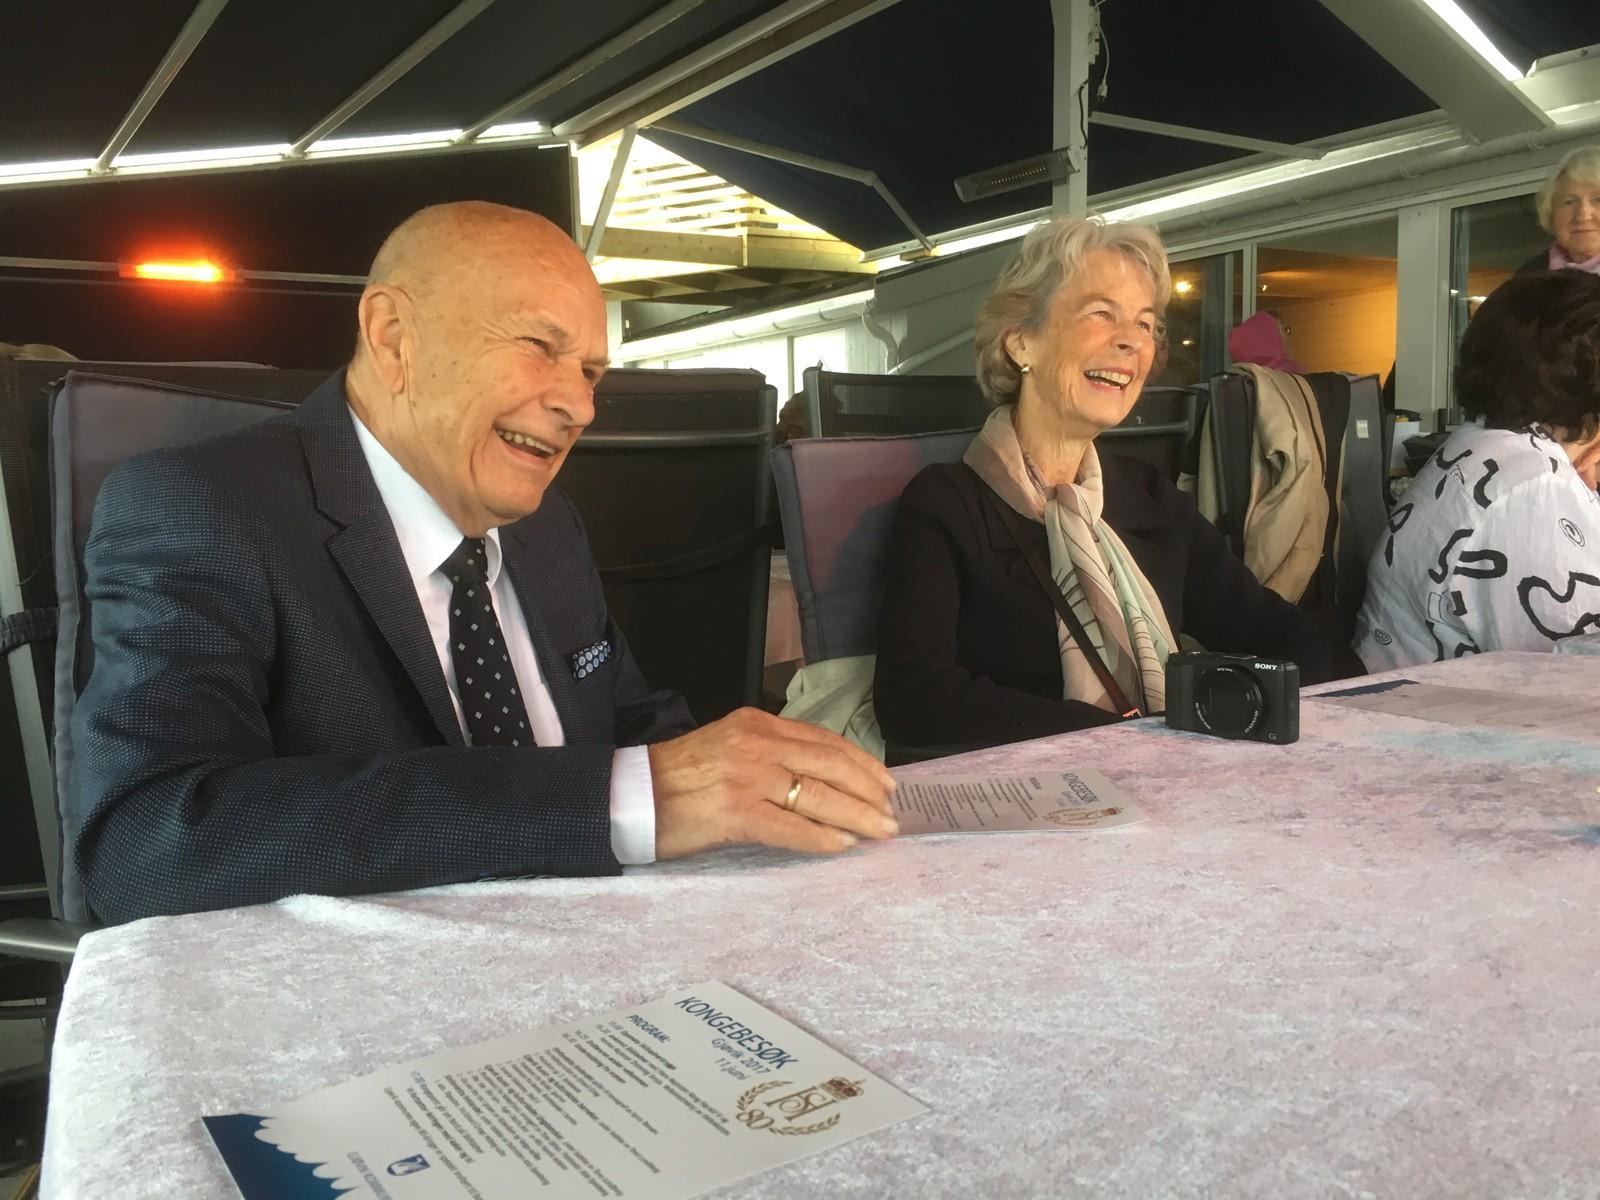 Knut Øyvind Topp er født på samme dag som dronning Sonja og i dag hadde han og flere andre gjøvikensere, som også er 80 år i år, kakefest med kongeparet.